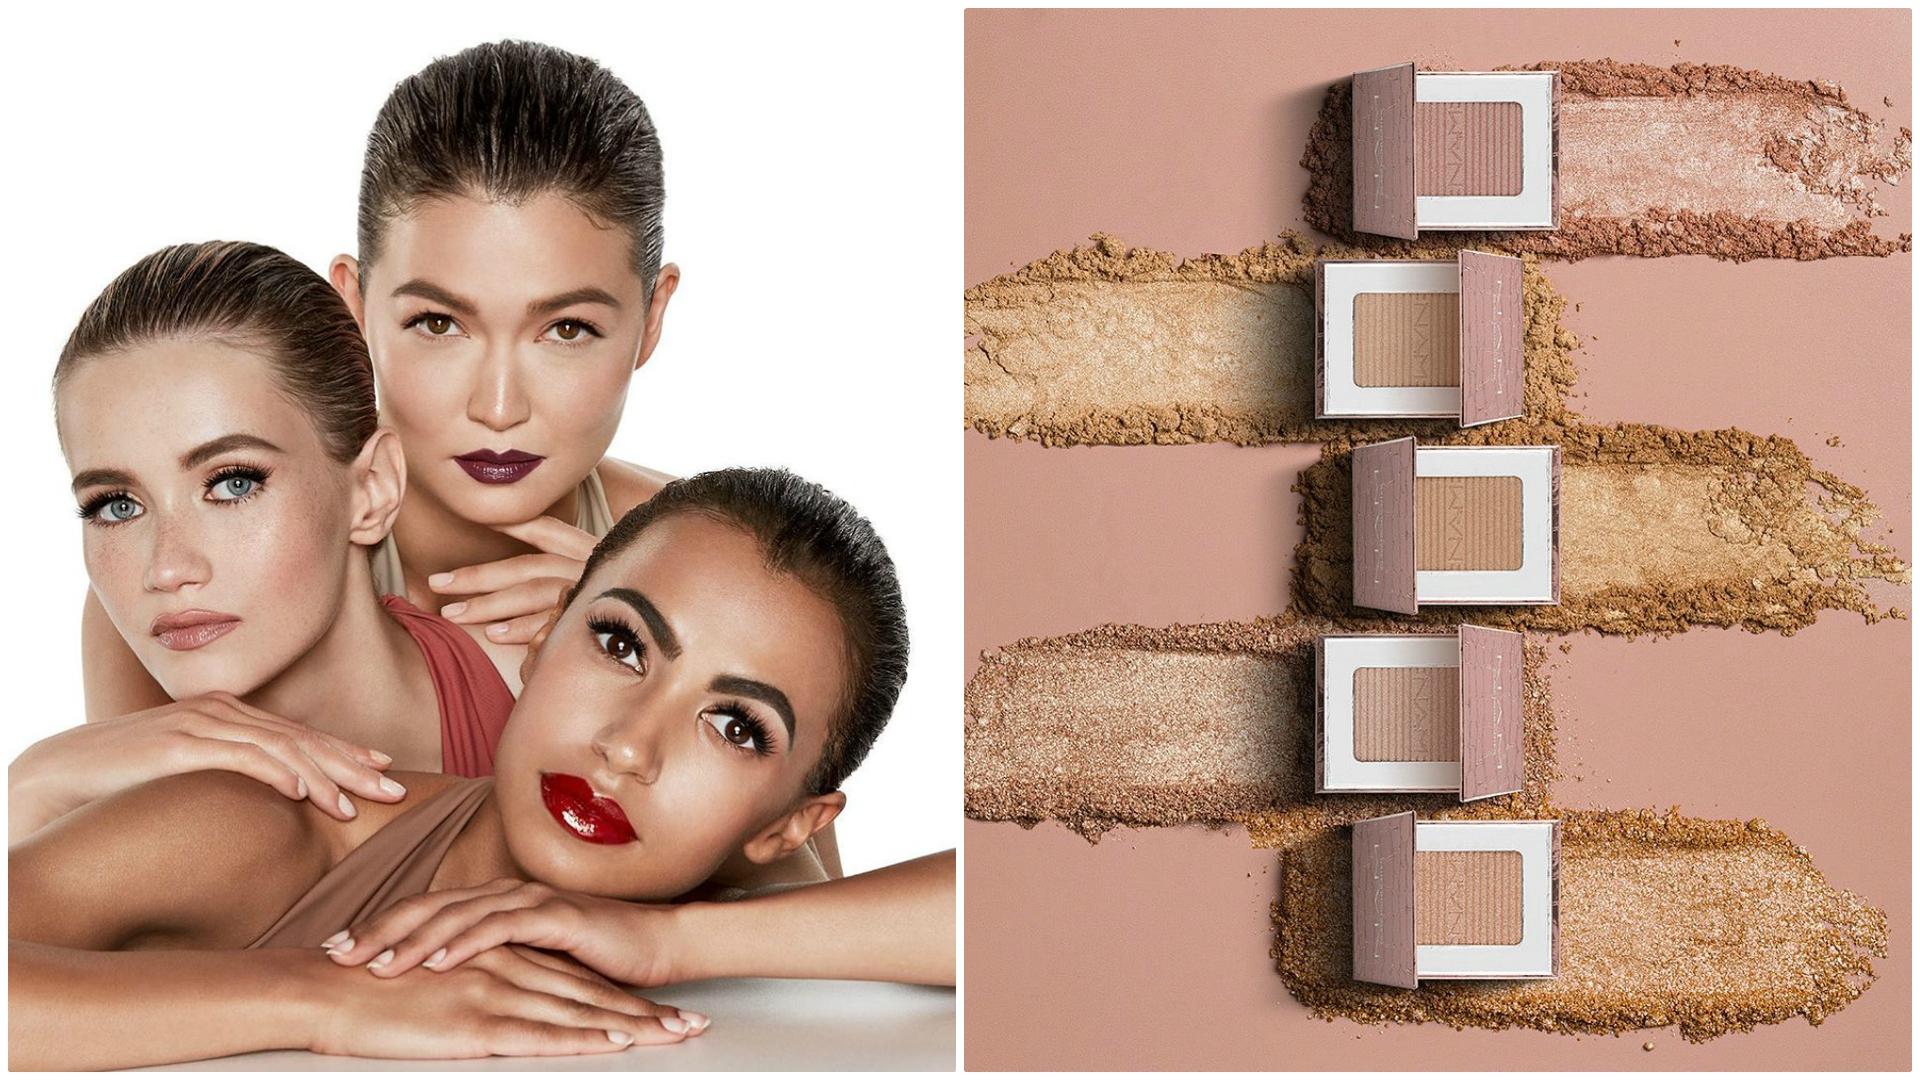 Pojawiła się nowa marka kolorowych kosmetyków wegańskich z mocnym manifestem